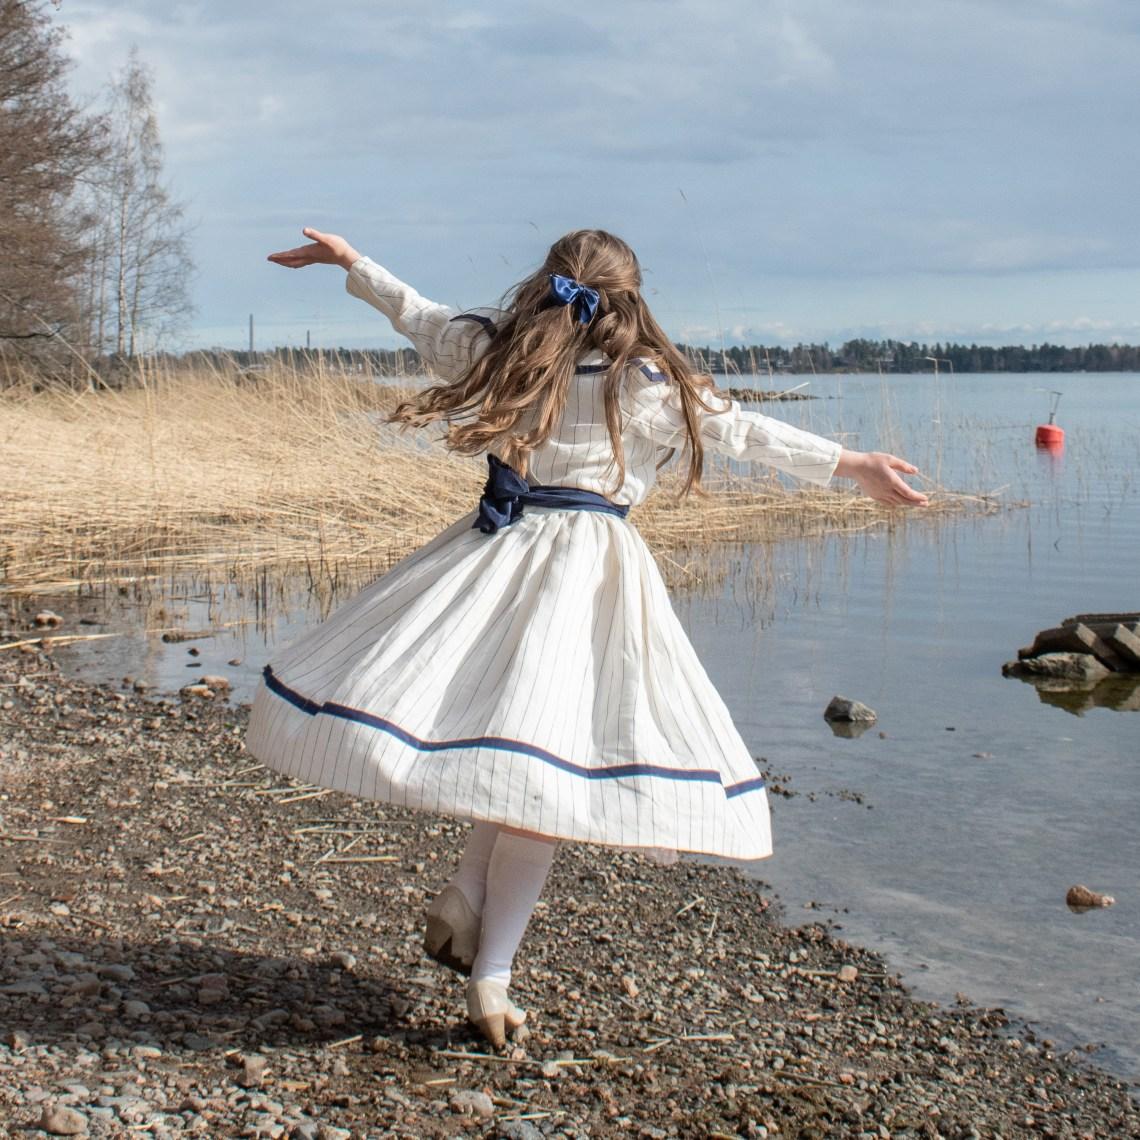 An Edwardian sailor dress